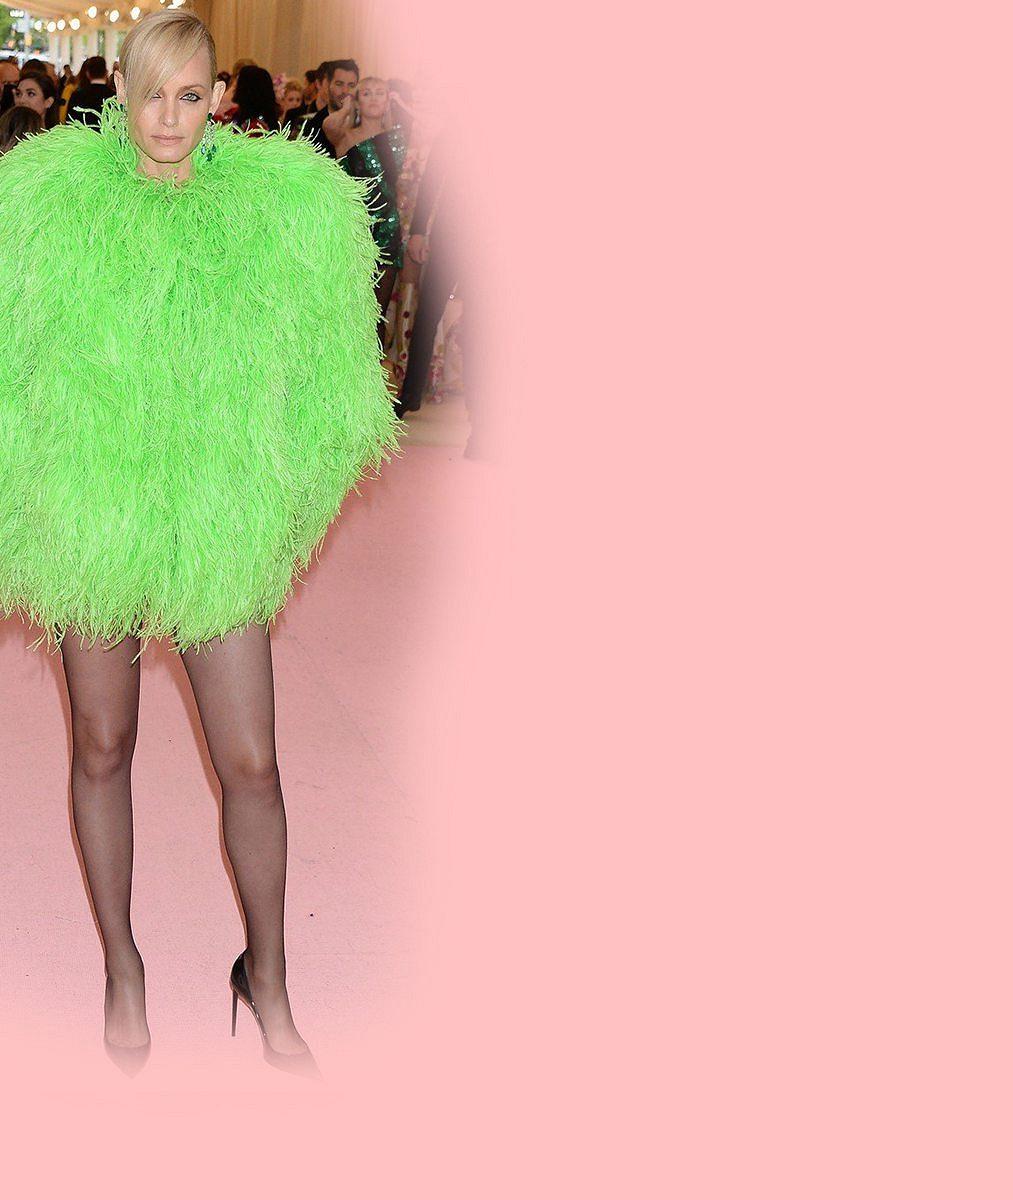 Pětačtyřicetiletá modelka si nejspíš zapomněla sukni, vyrazila jen vpořádně vykrojeném azaříznutém body